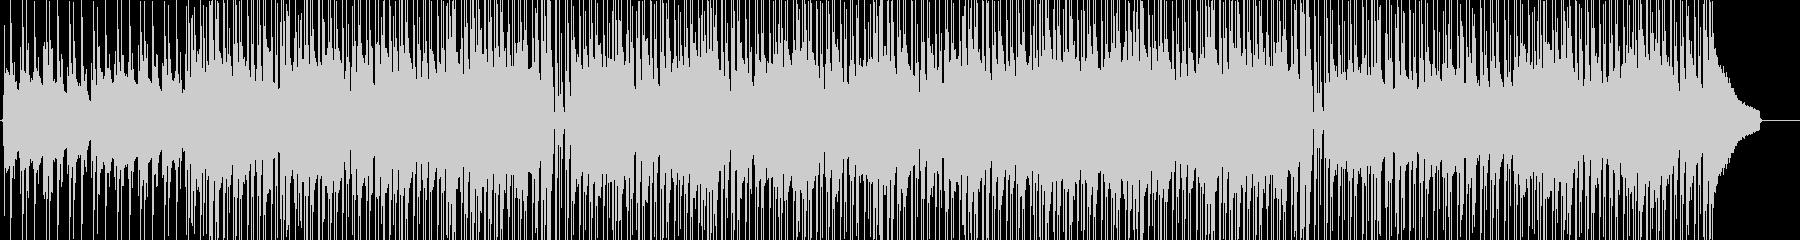 楽しくスキップするようなウクレレの未再生の波形